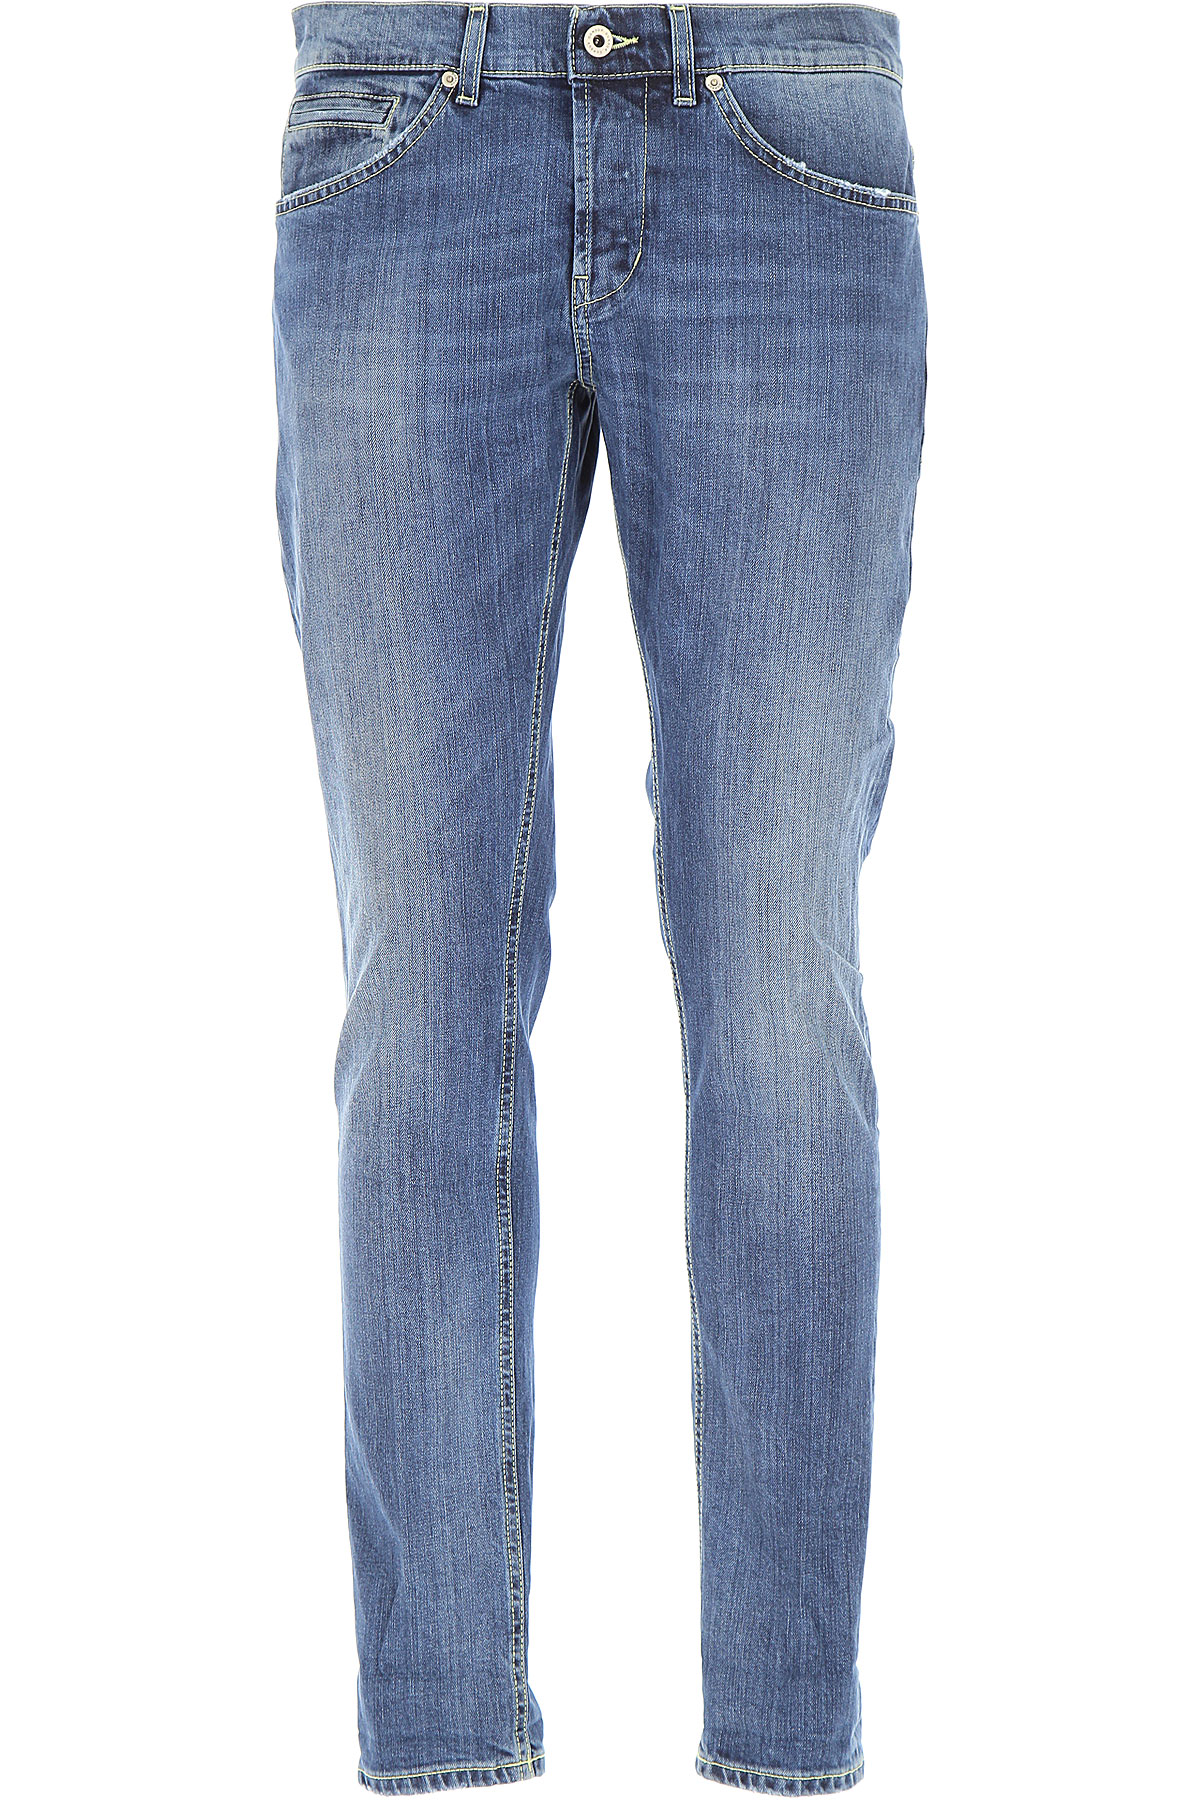 Dondup Jeans, Denim Blue, Cotton, 2017, 30 31 32 33 34 35 36 38